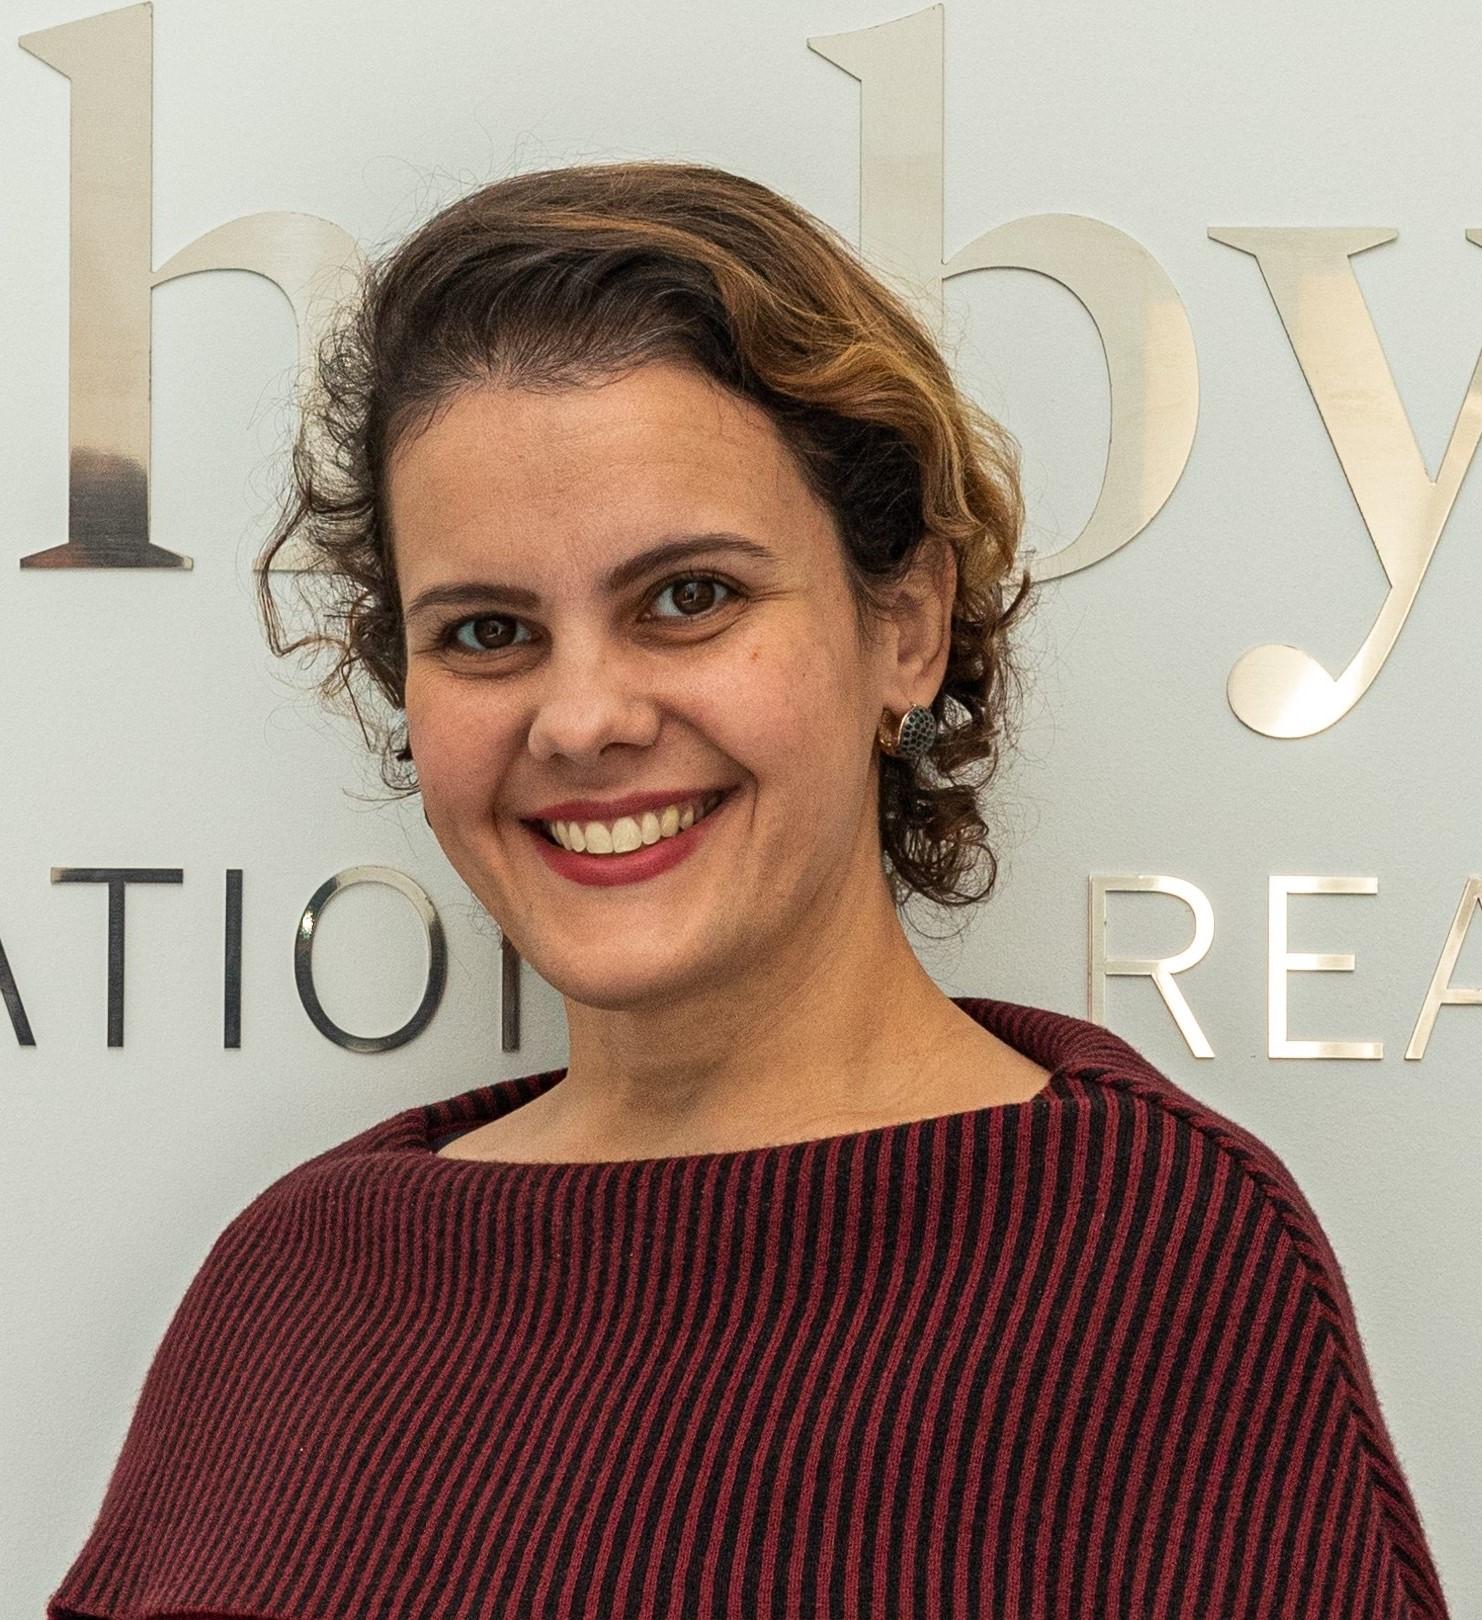 Bianca Quadros